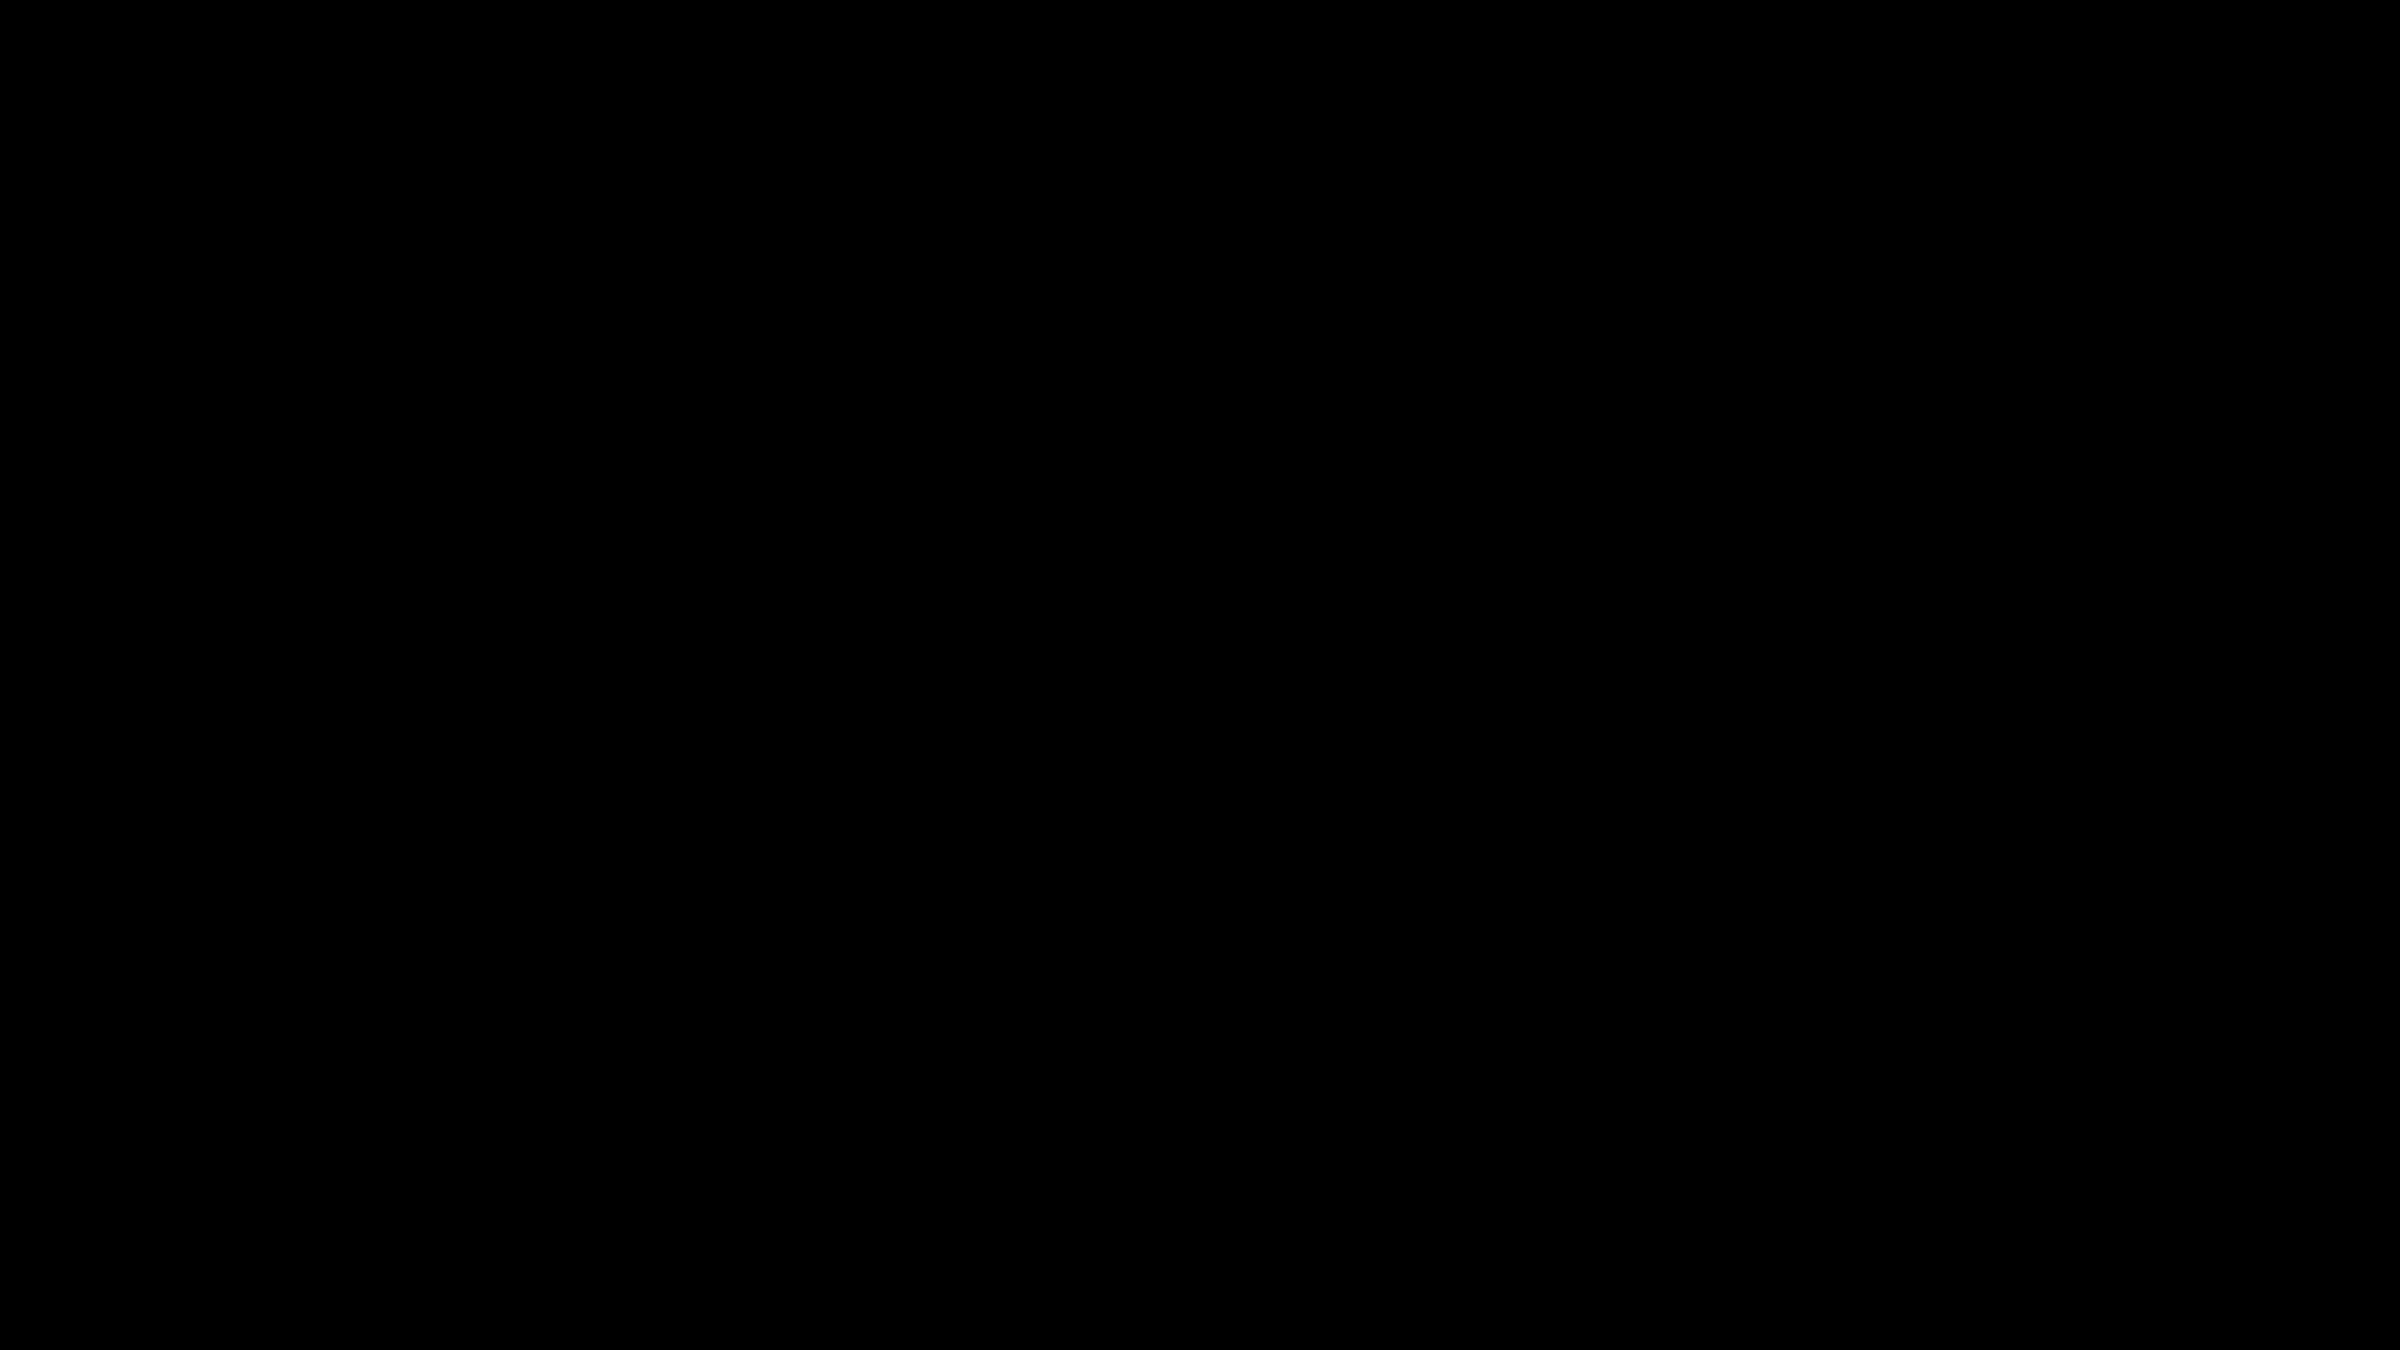 2020sftvb-1